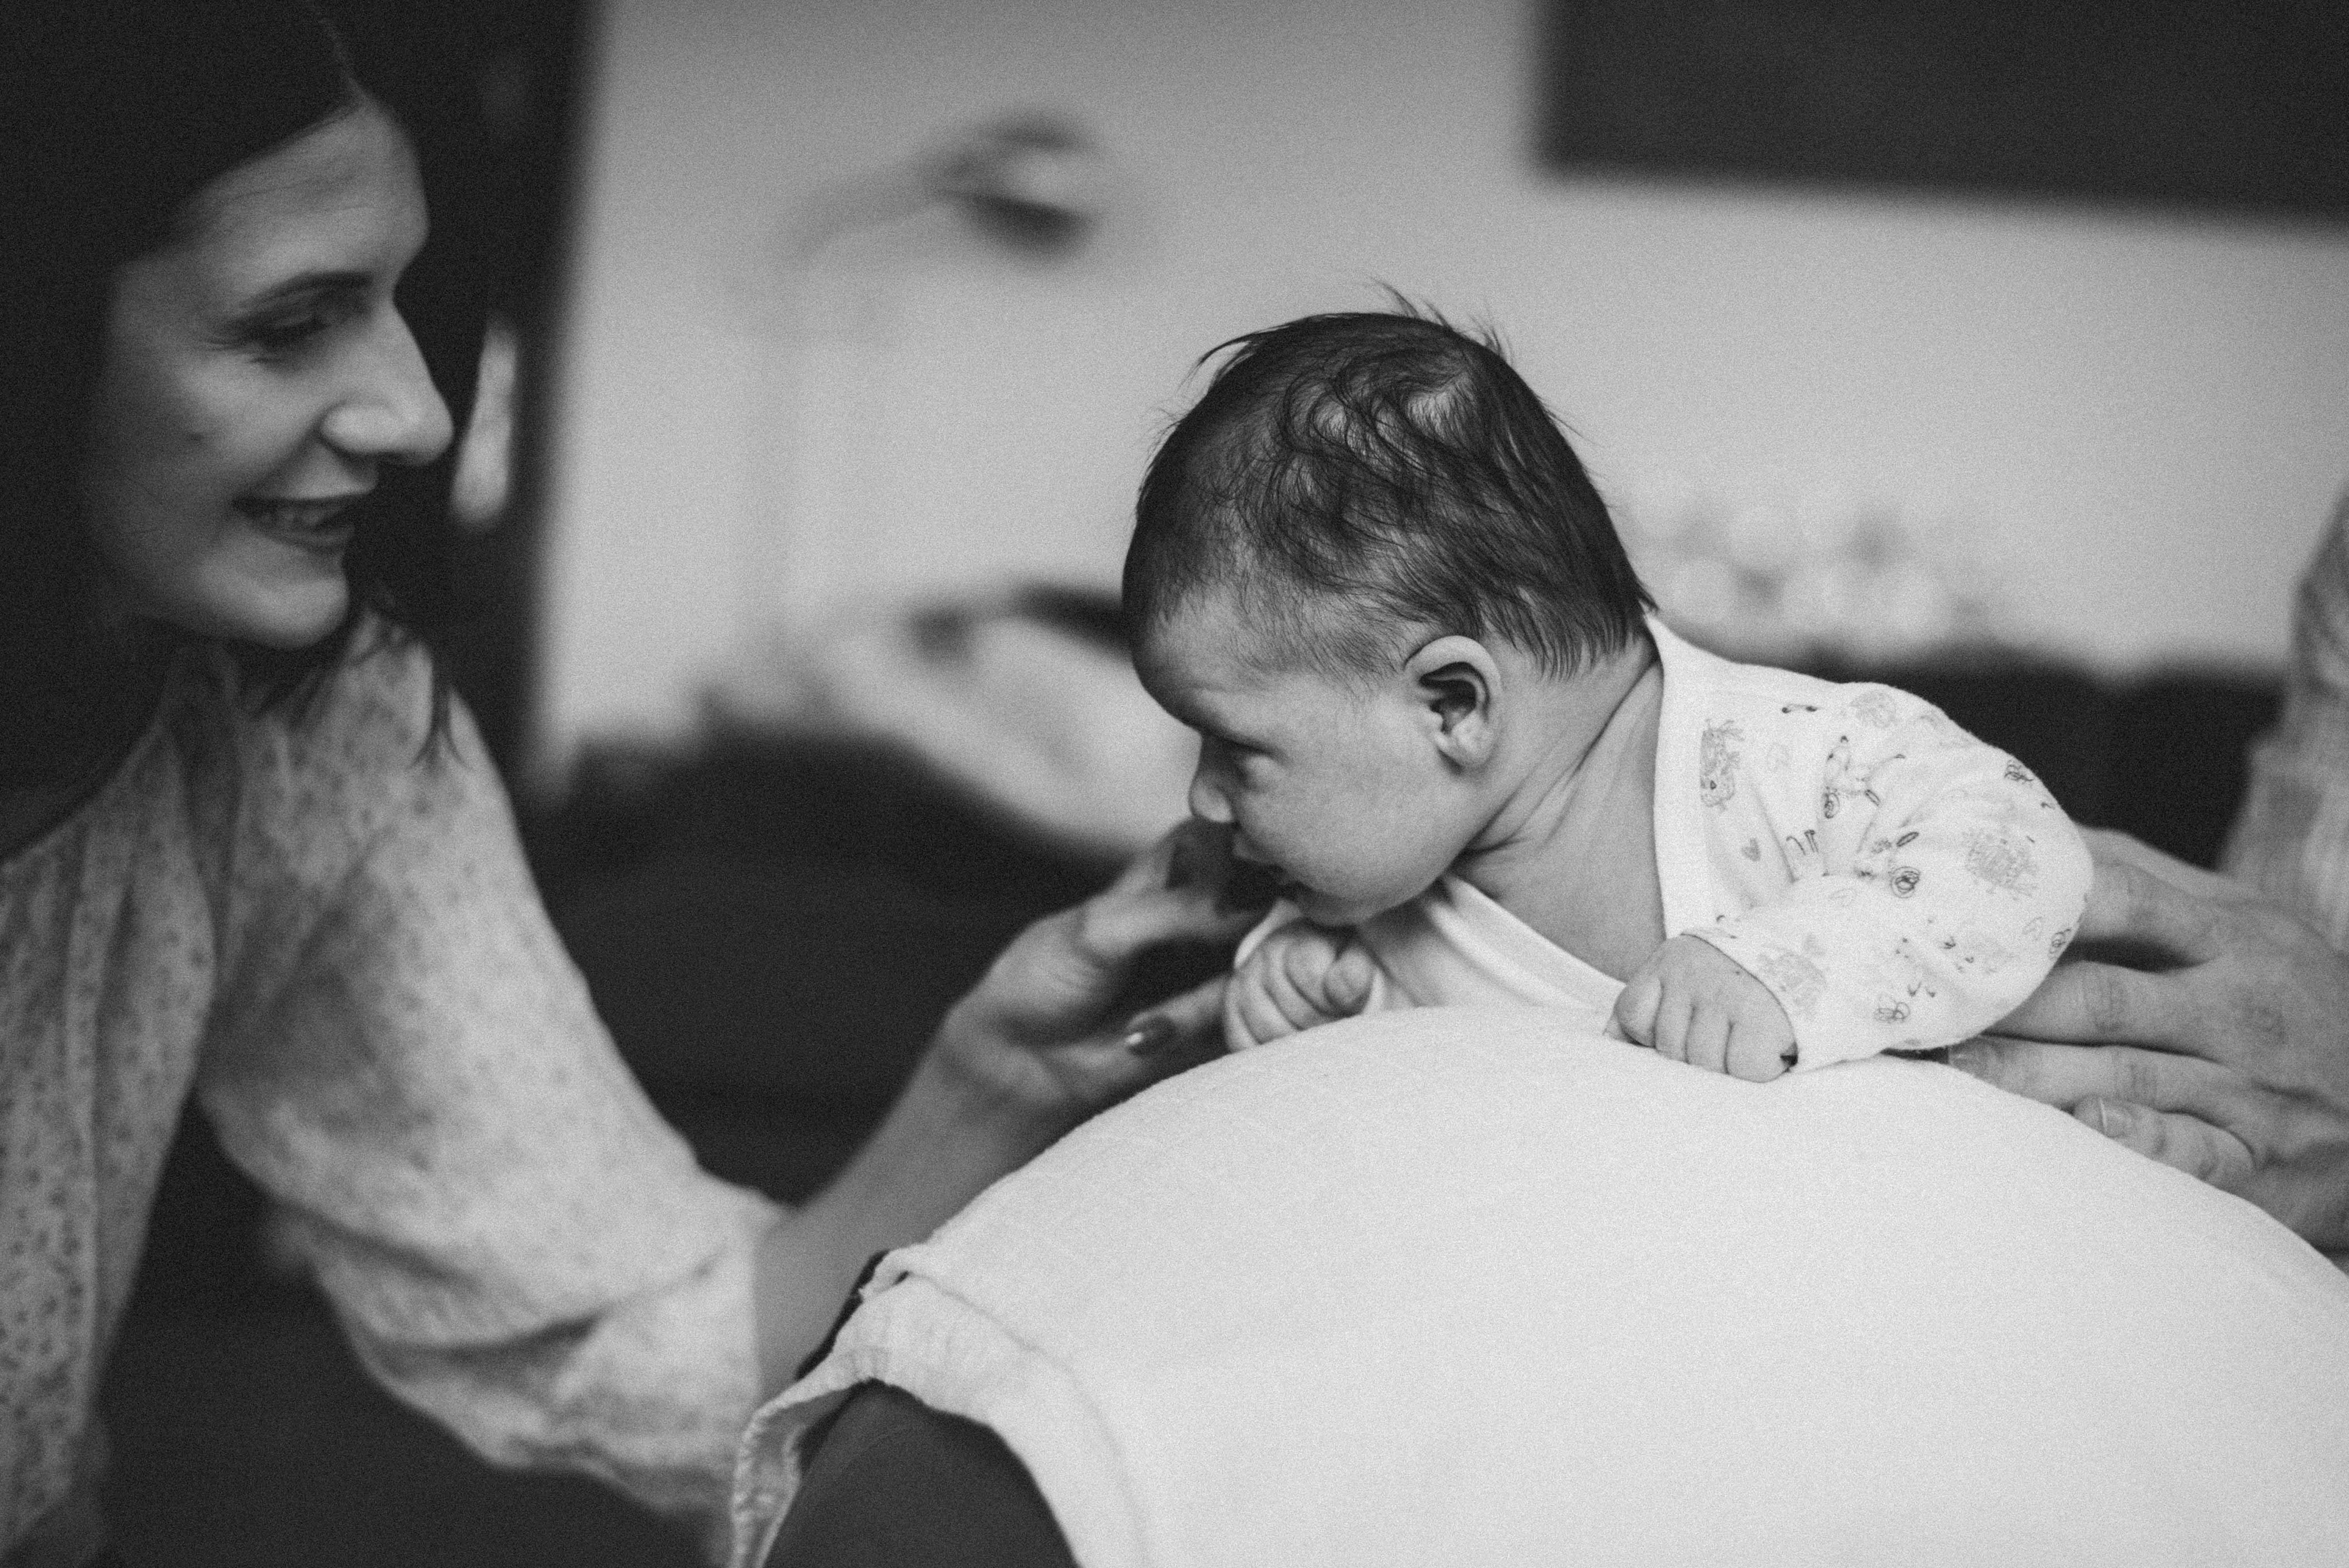 sesja-rodzinna-dzieck-newborn-wroclaw-okonasznurku (30)